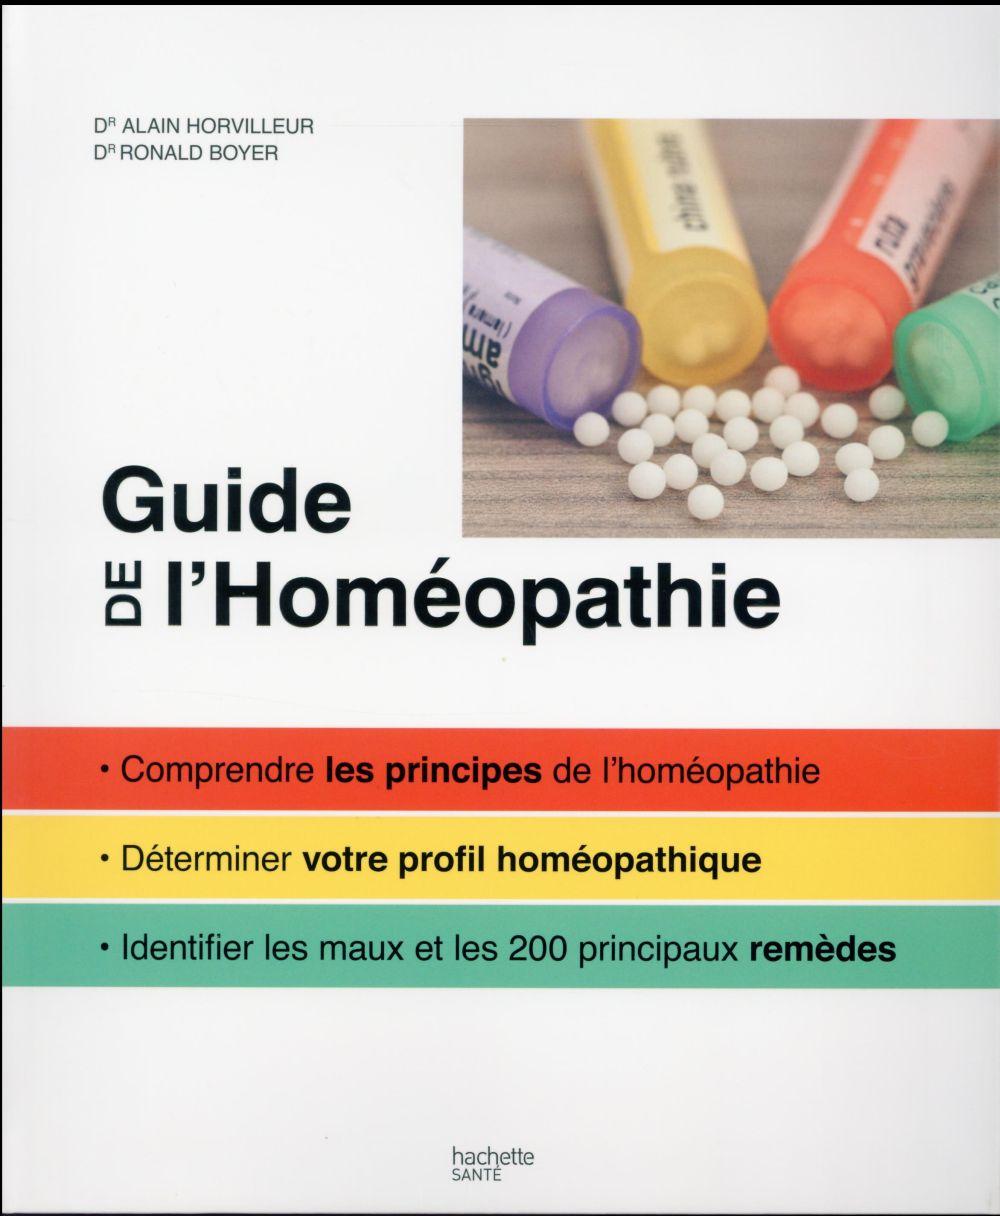 GUIDE FAMILIAL DE L'HOMEOPATHIE HORVILLEUR/BOYER Hachette Pratique